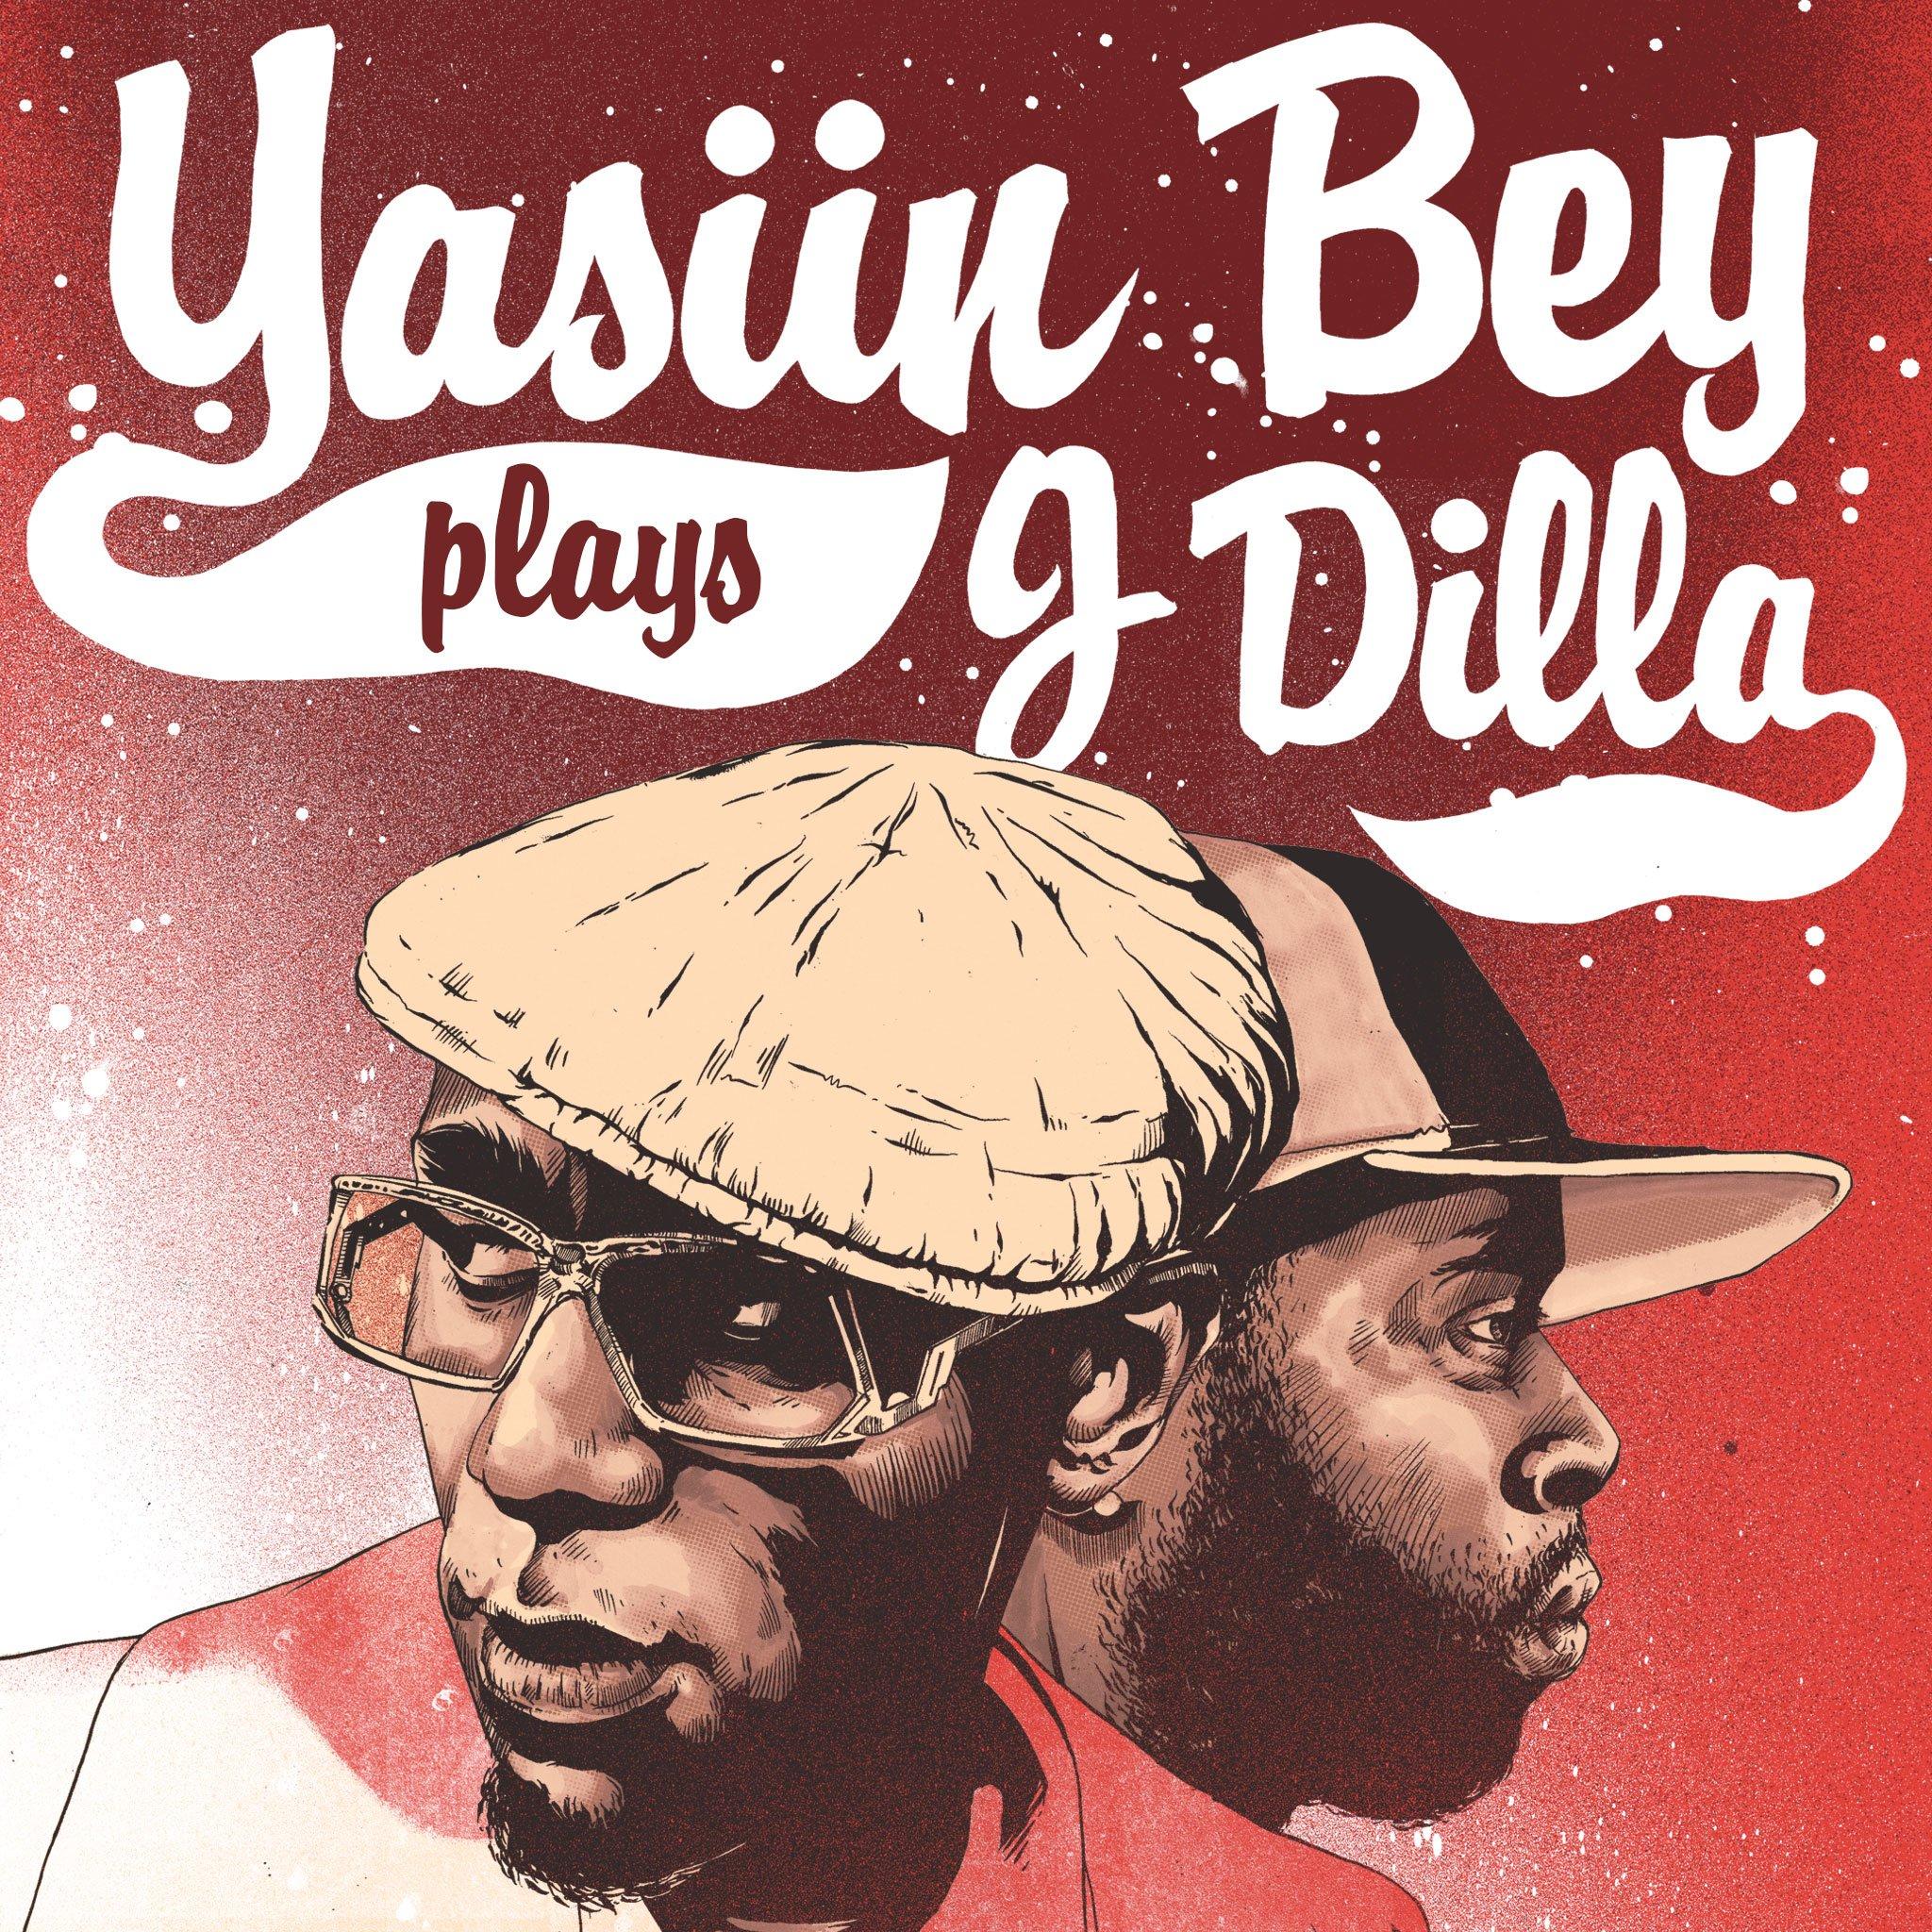 Yasiin Bey x J Dilla